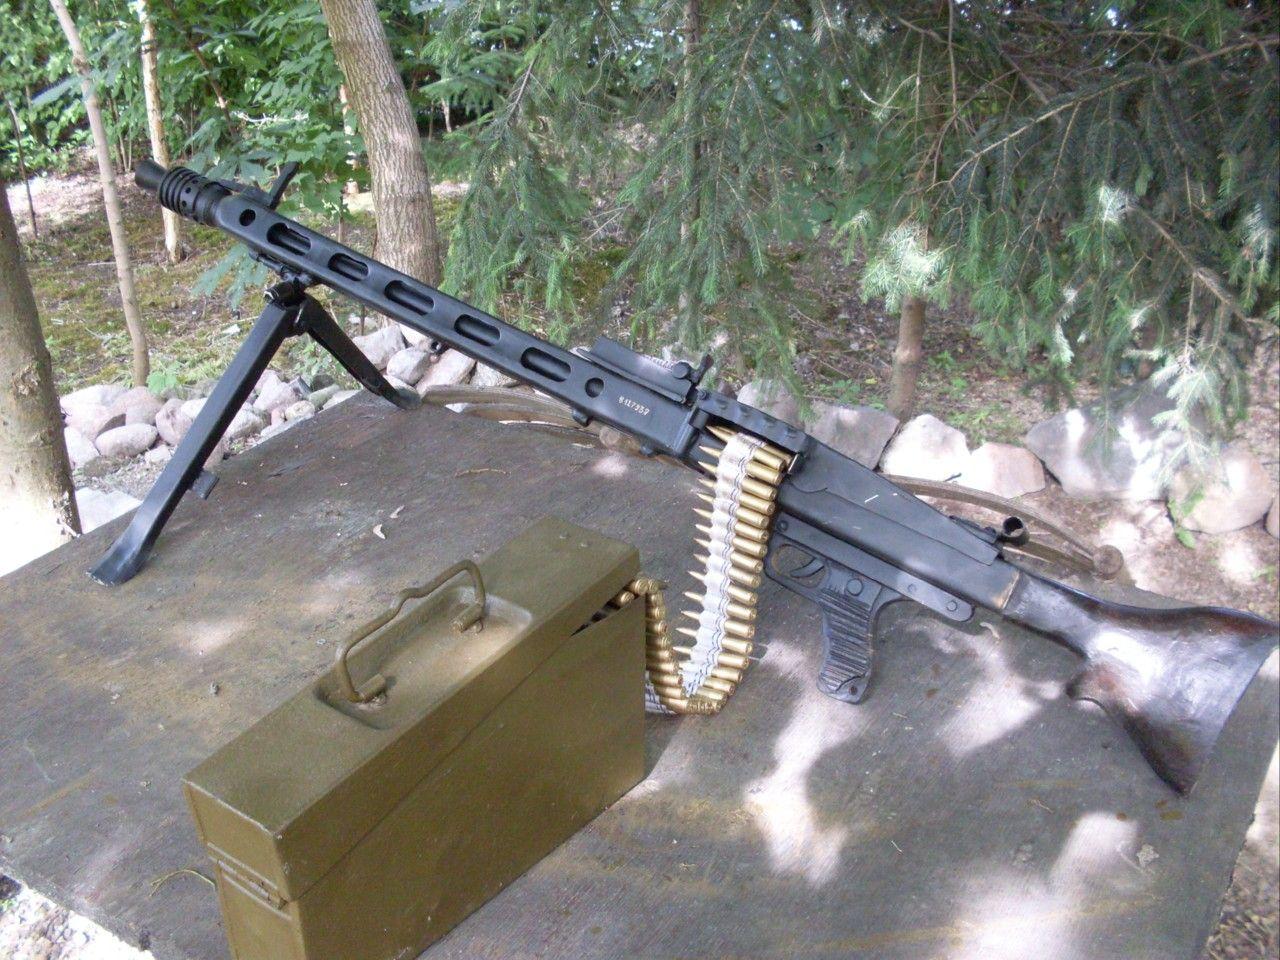 Макет пулемета Максим своими руками 49 фотографий ВКонтакте 24